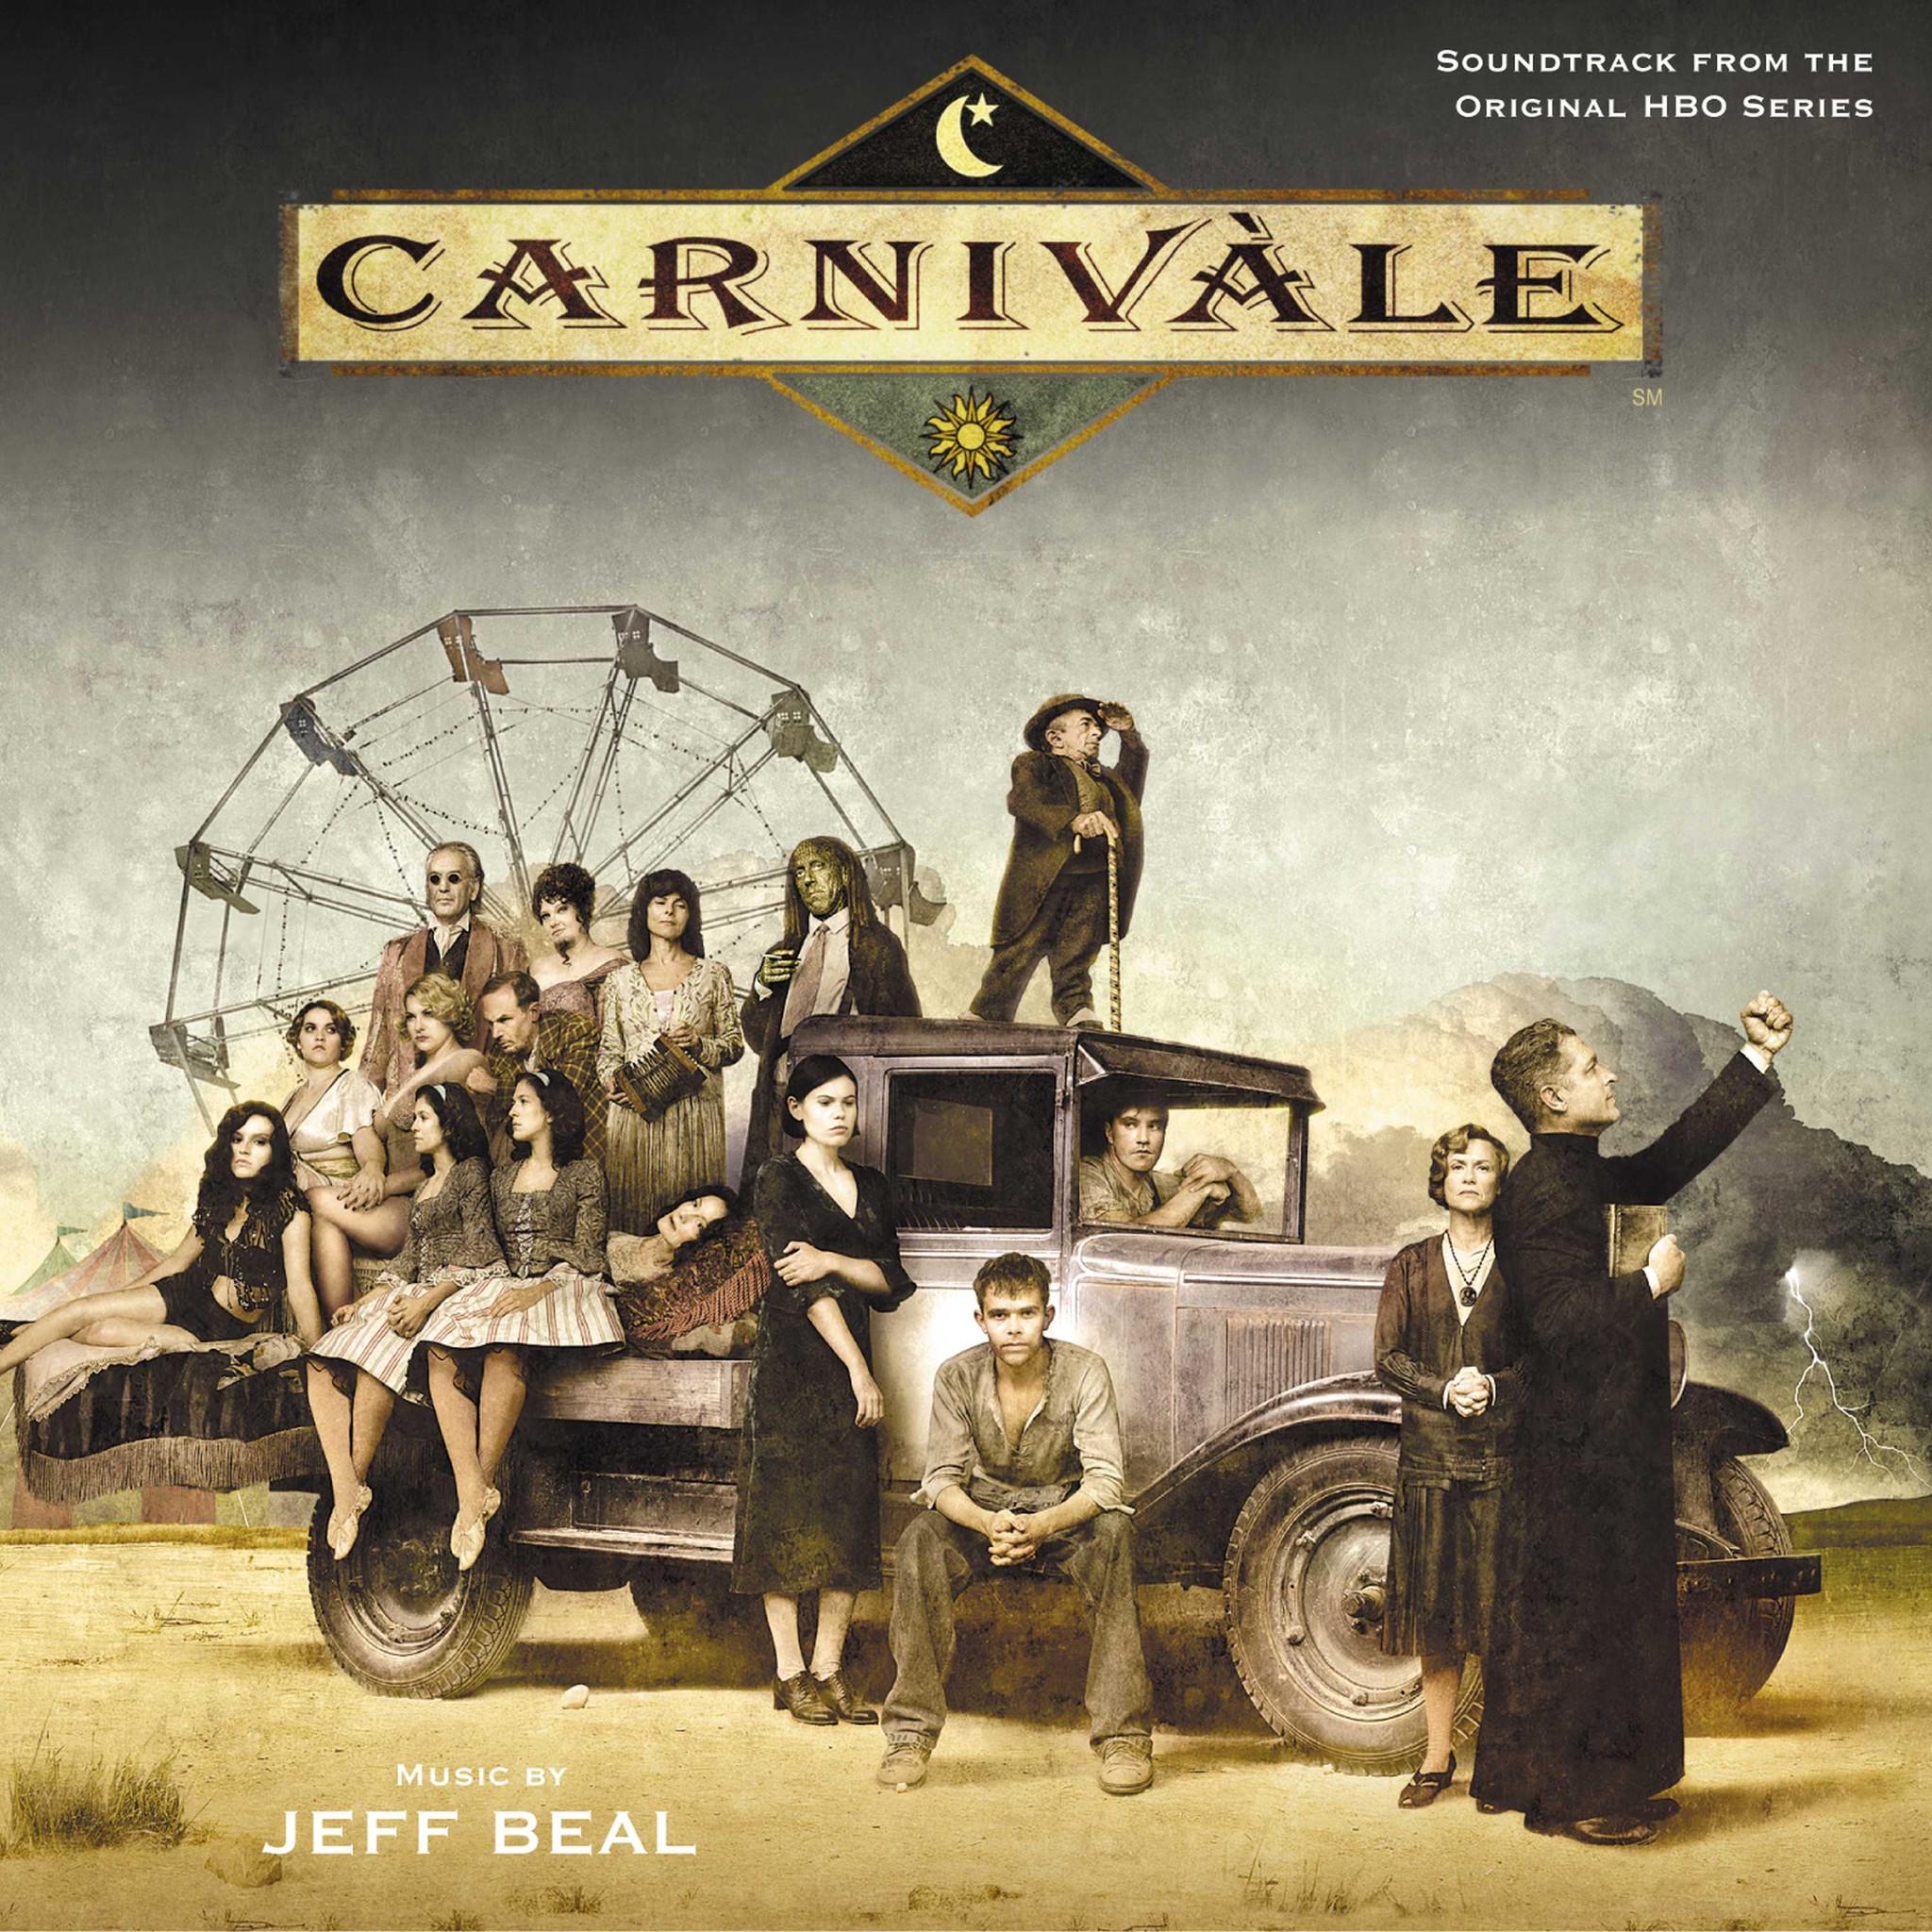 Carnivale / TV O.s.t. - Carnivale / TV O.s.t. - Musik - SOUNDTRACK/SCORE - 0030206662726 - December 14, 2004